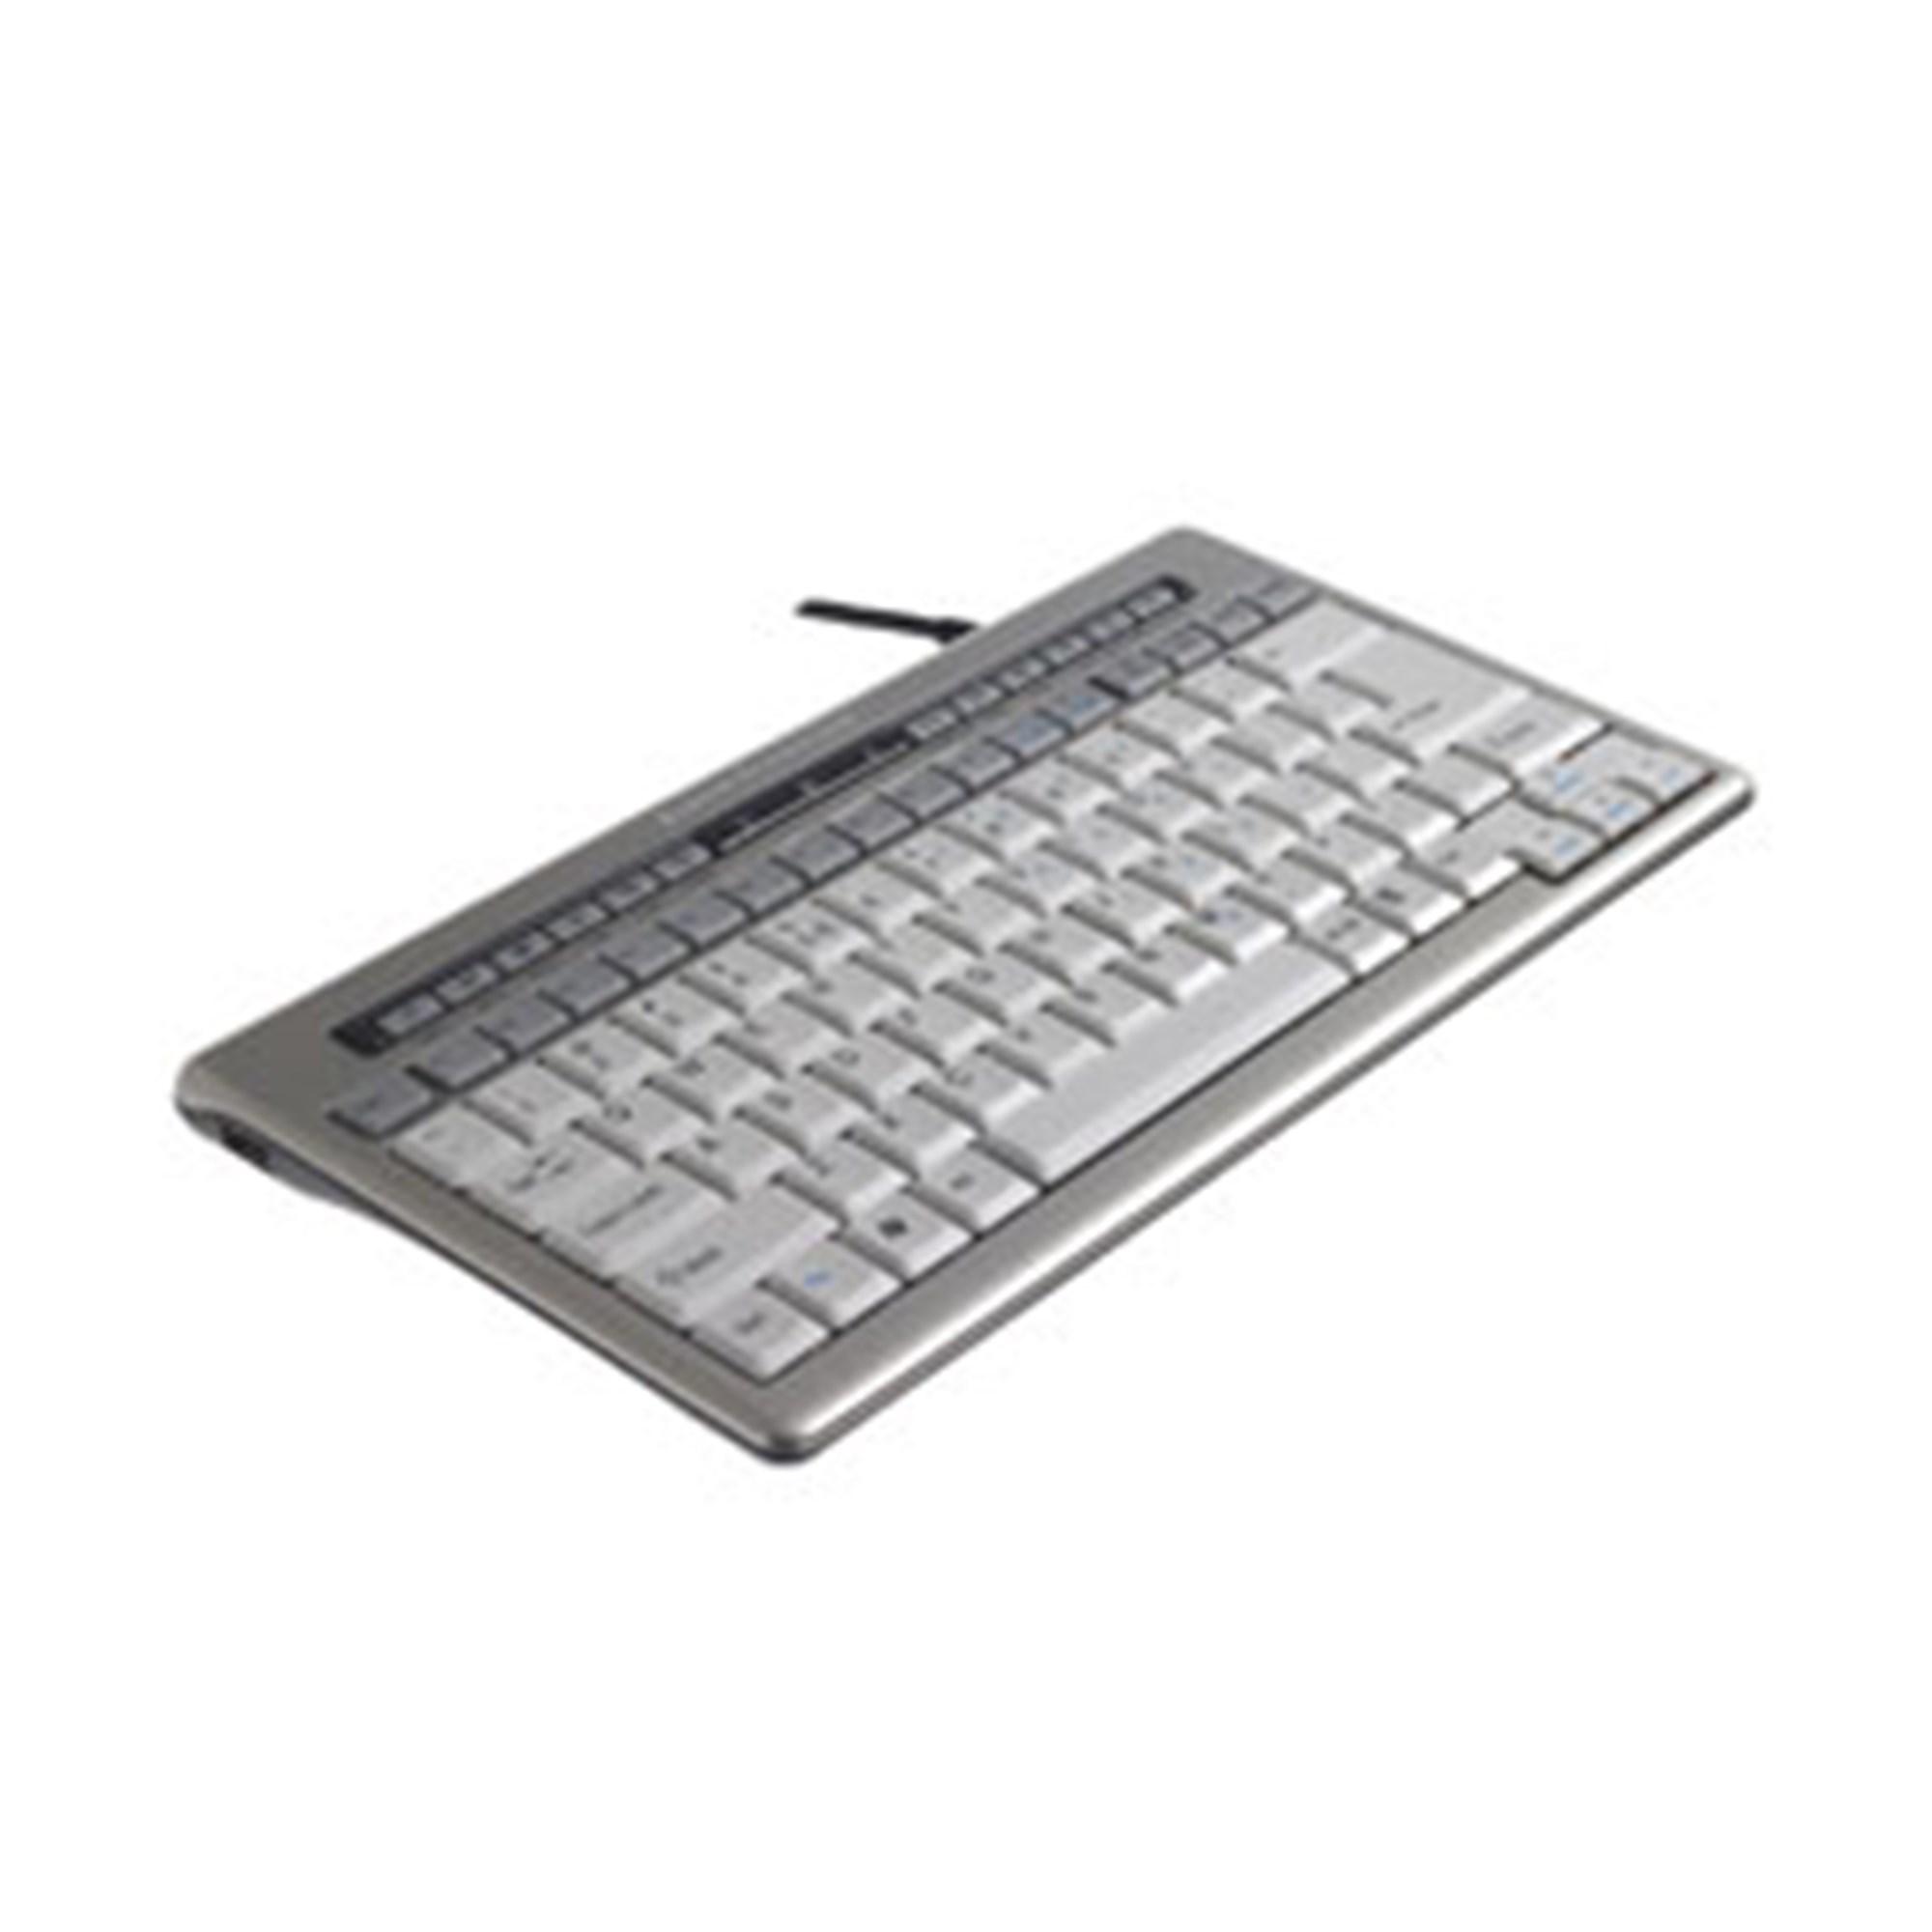 Image of   BakkerElkhuizen S-board 840 USB keyboard (Nordic)